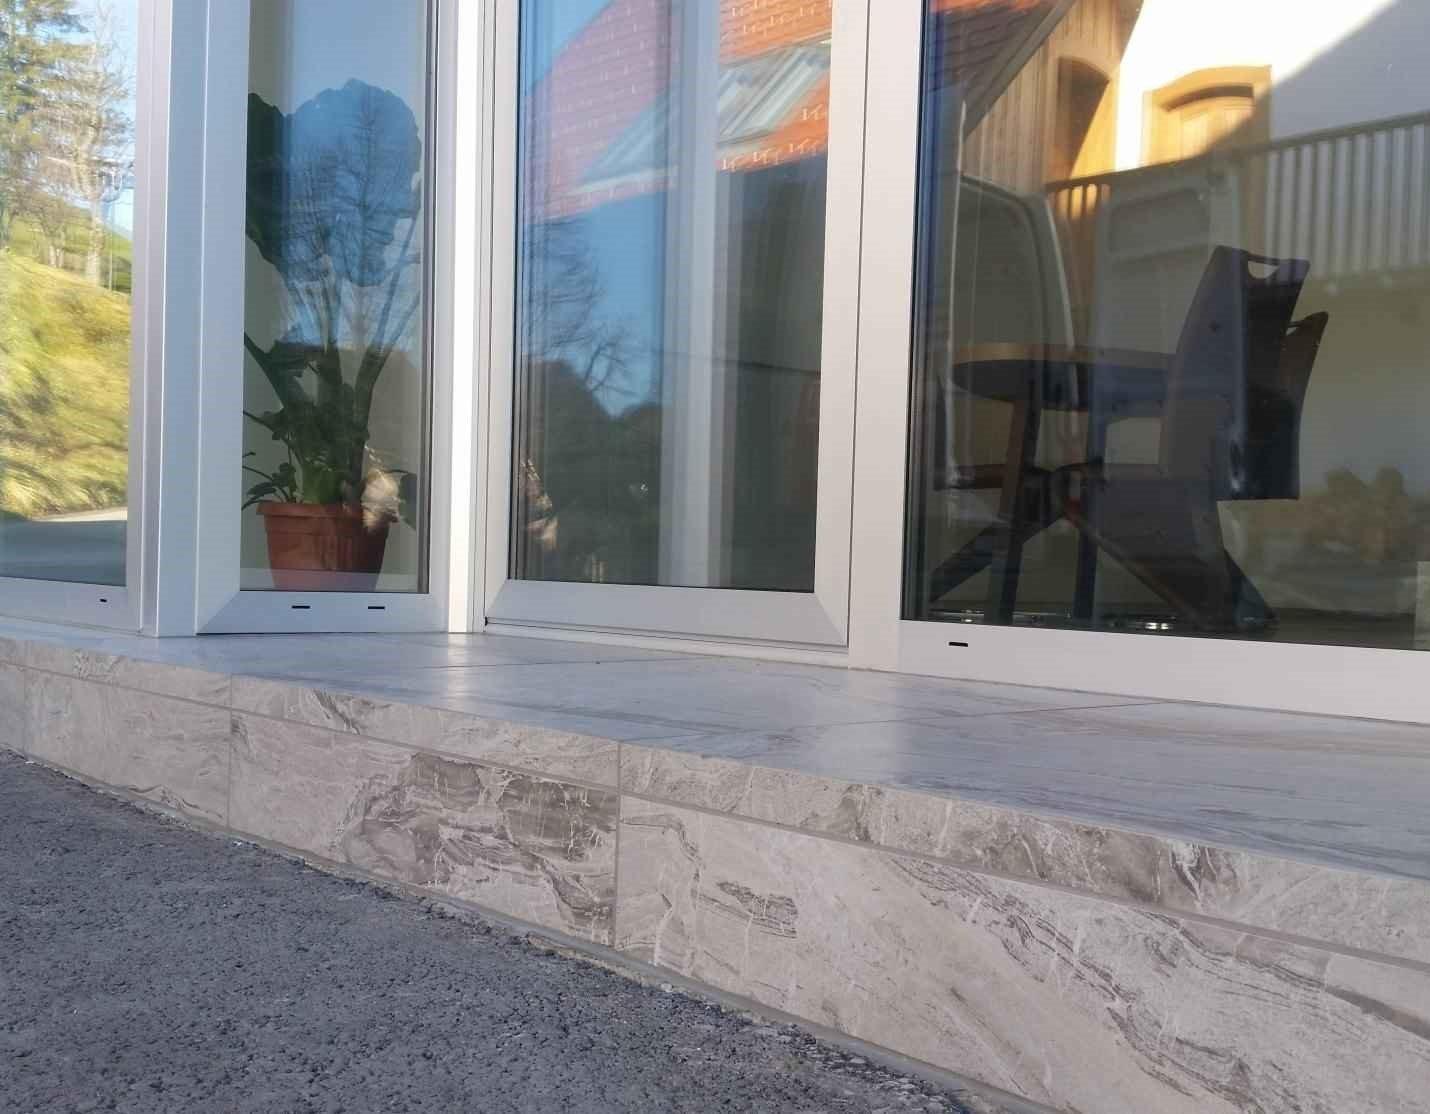 vhod v podjetje imo iz balkonskih obrob 1